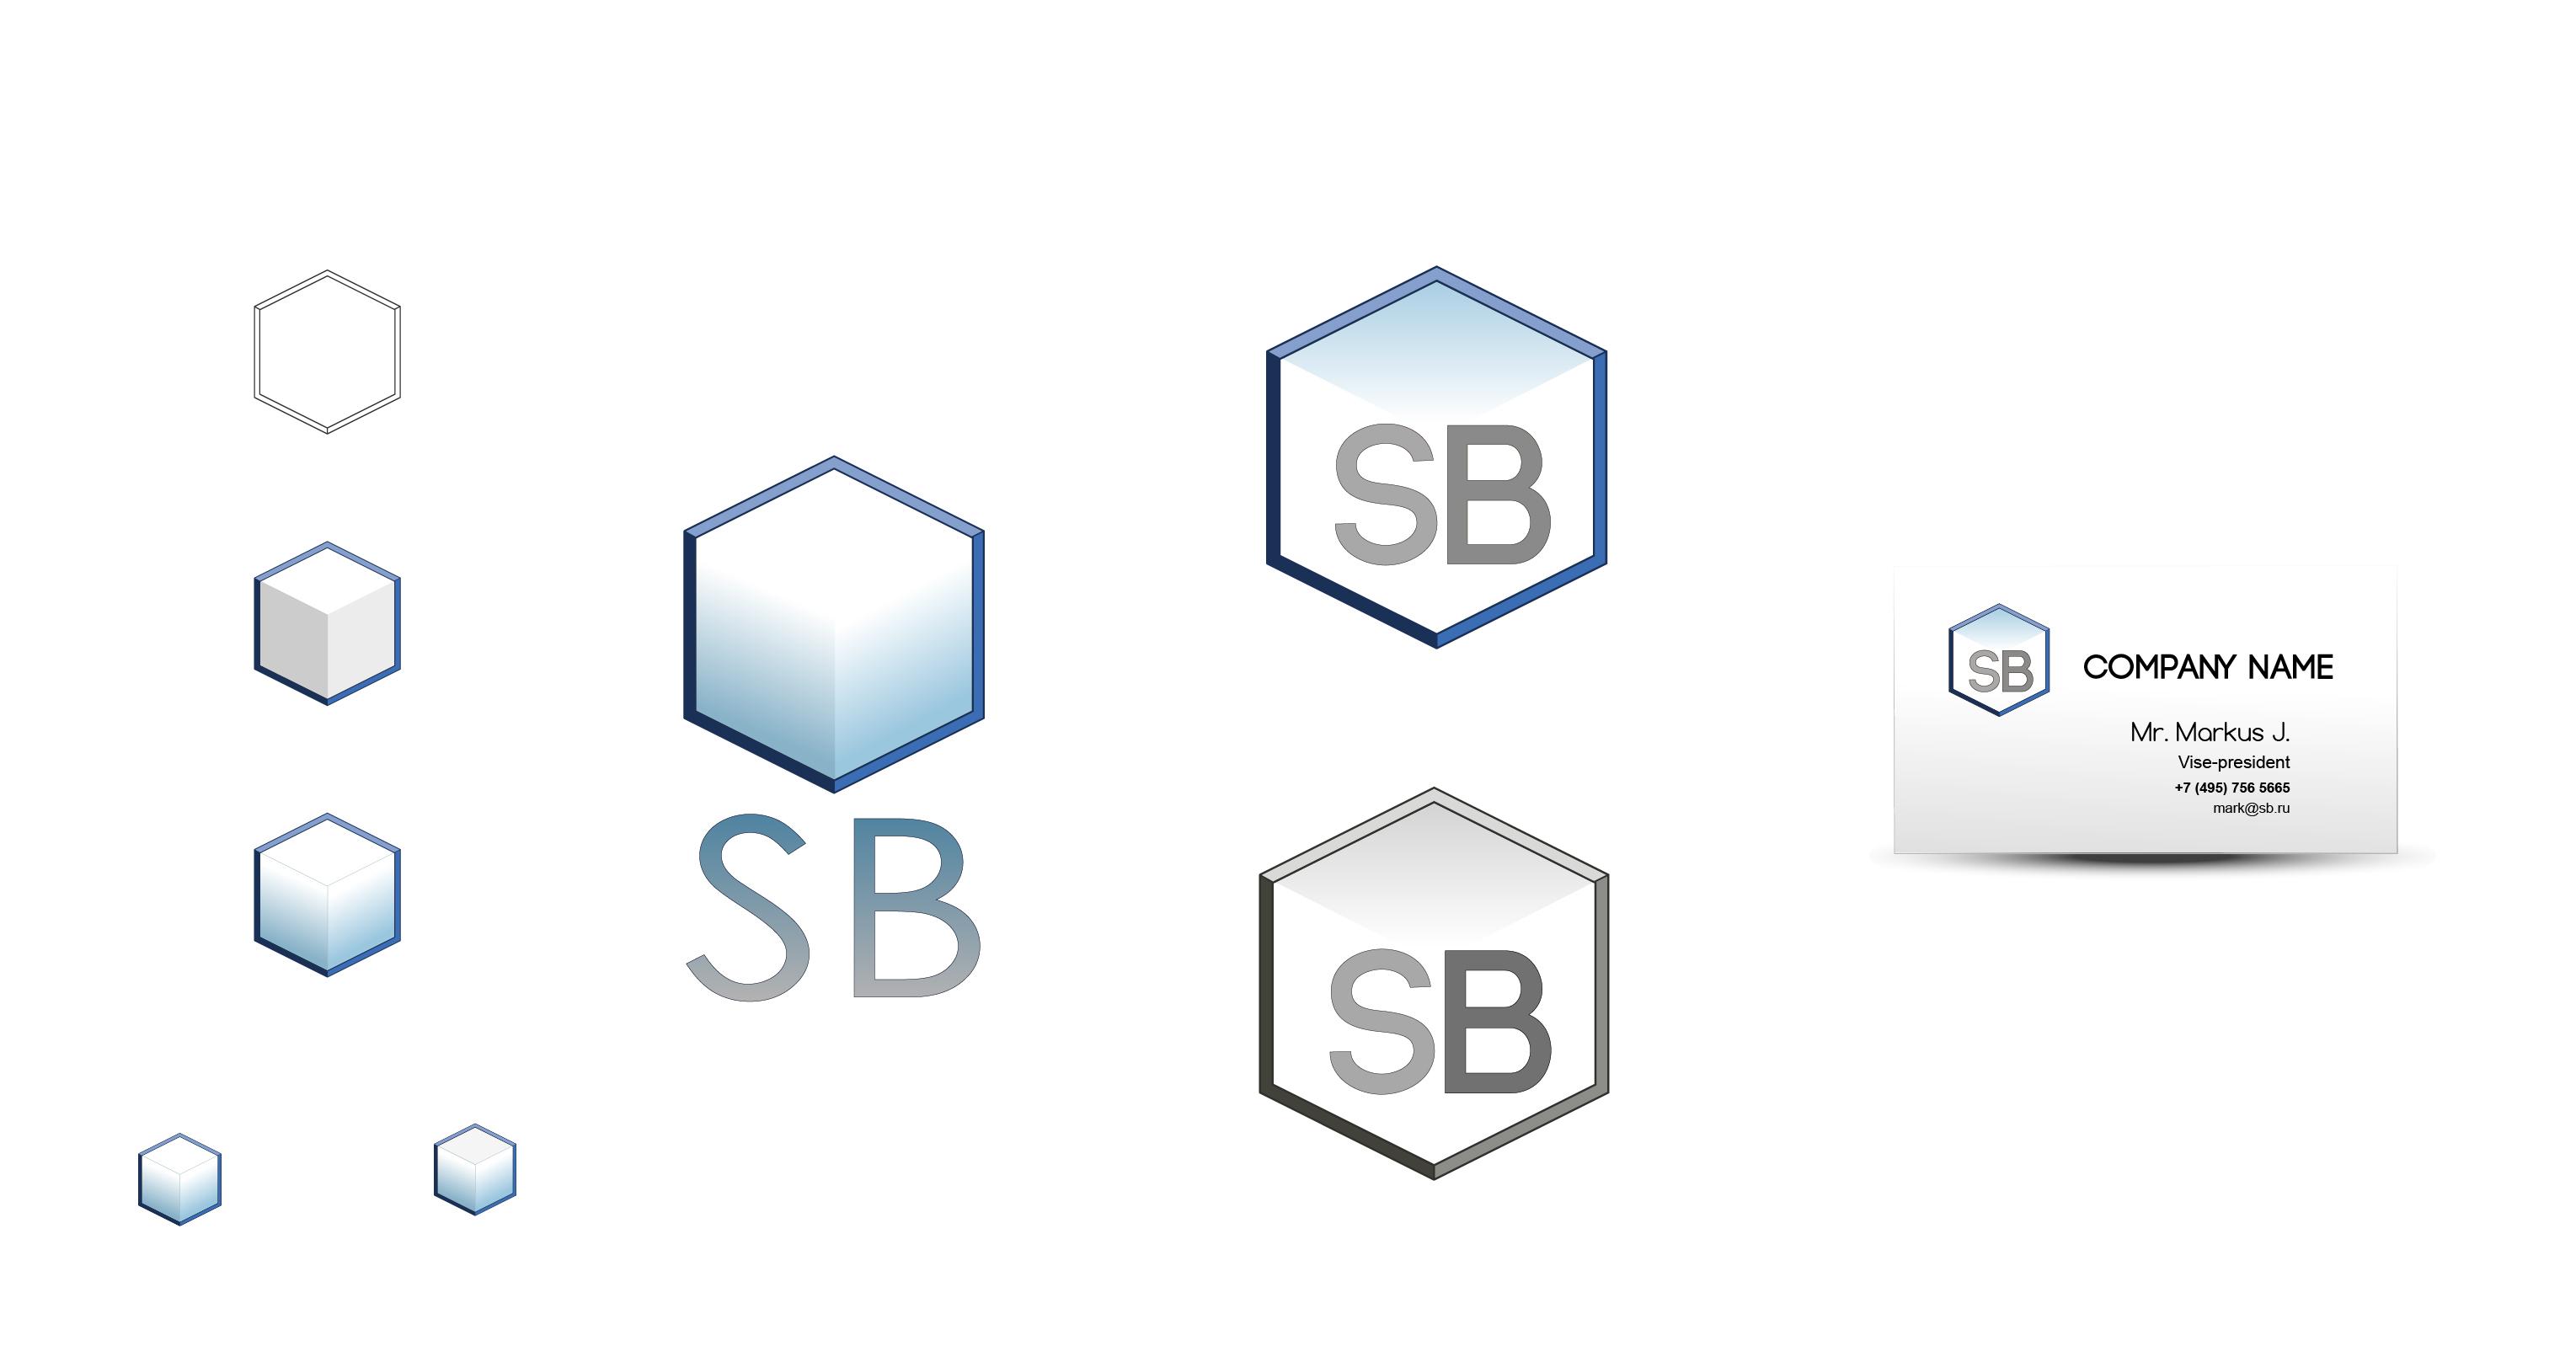 Логотип + Визитка Портала безопасных сделок фото f_415536042333f79a.jpg